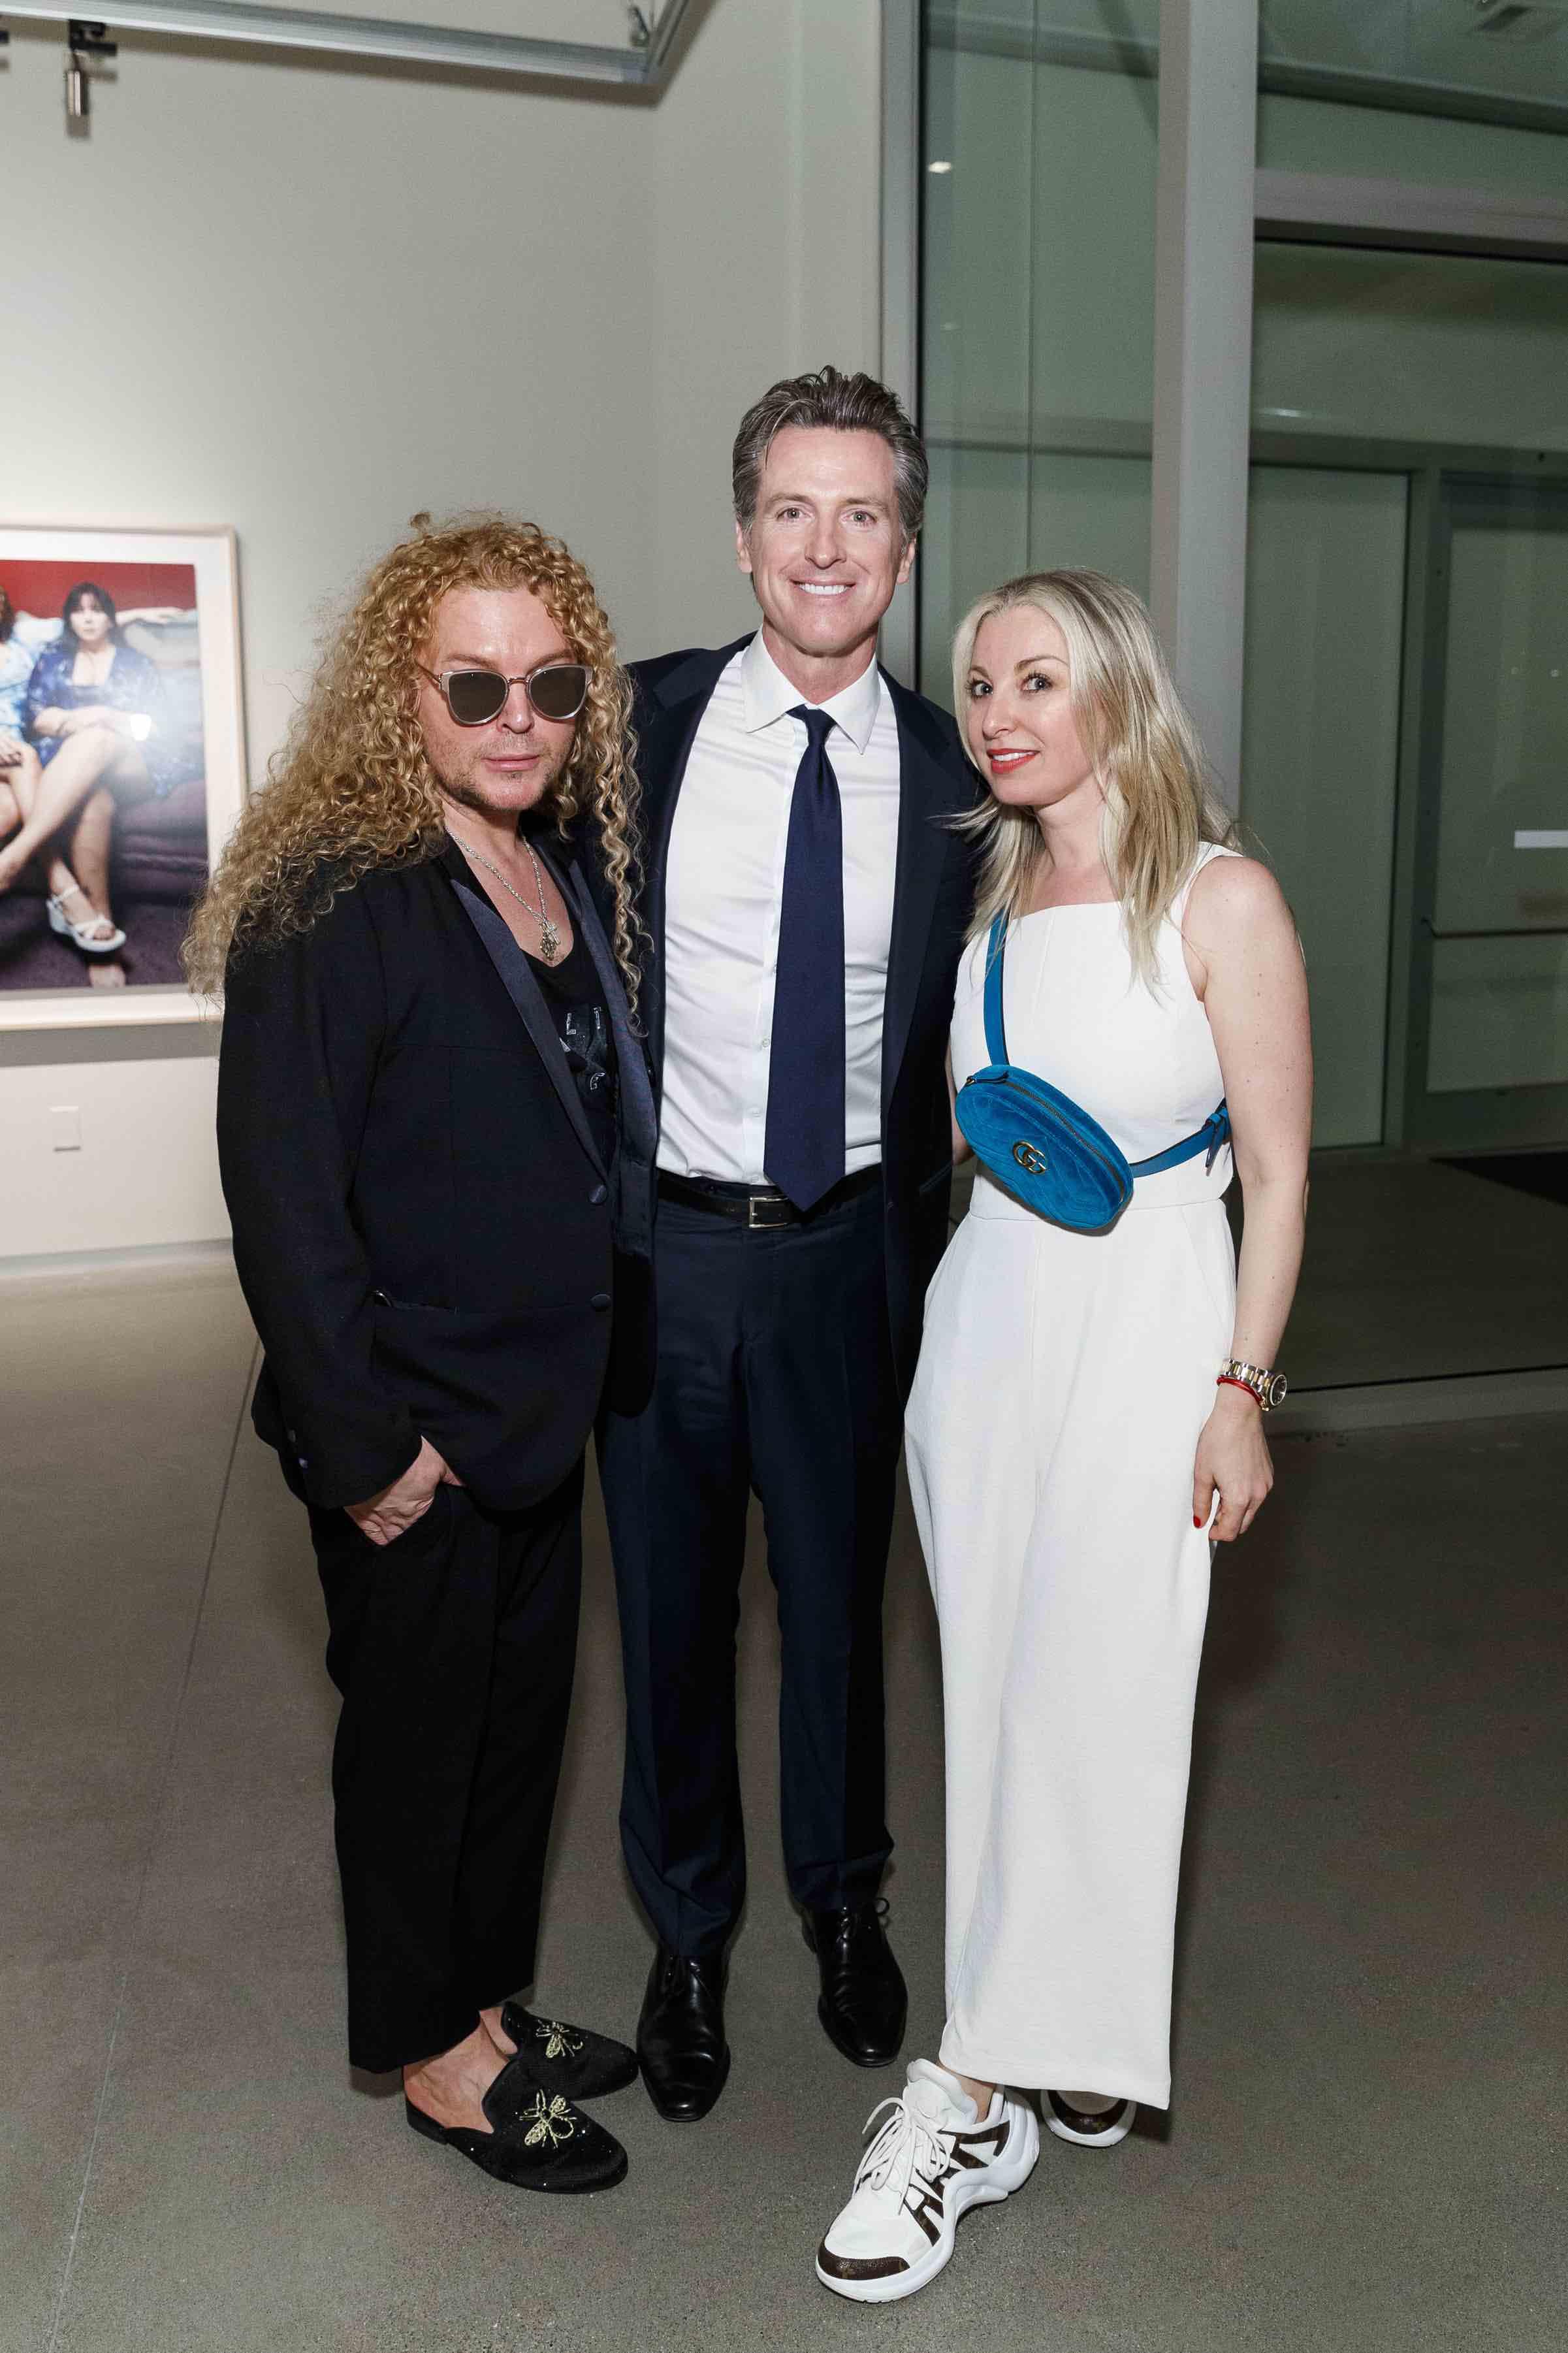 Vasily Vein, Gavin Newsom and Sonya Molodetskaya (Photo - Drew Altizer)